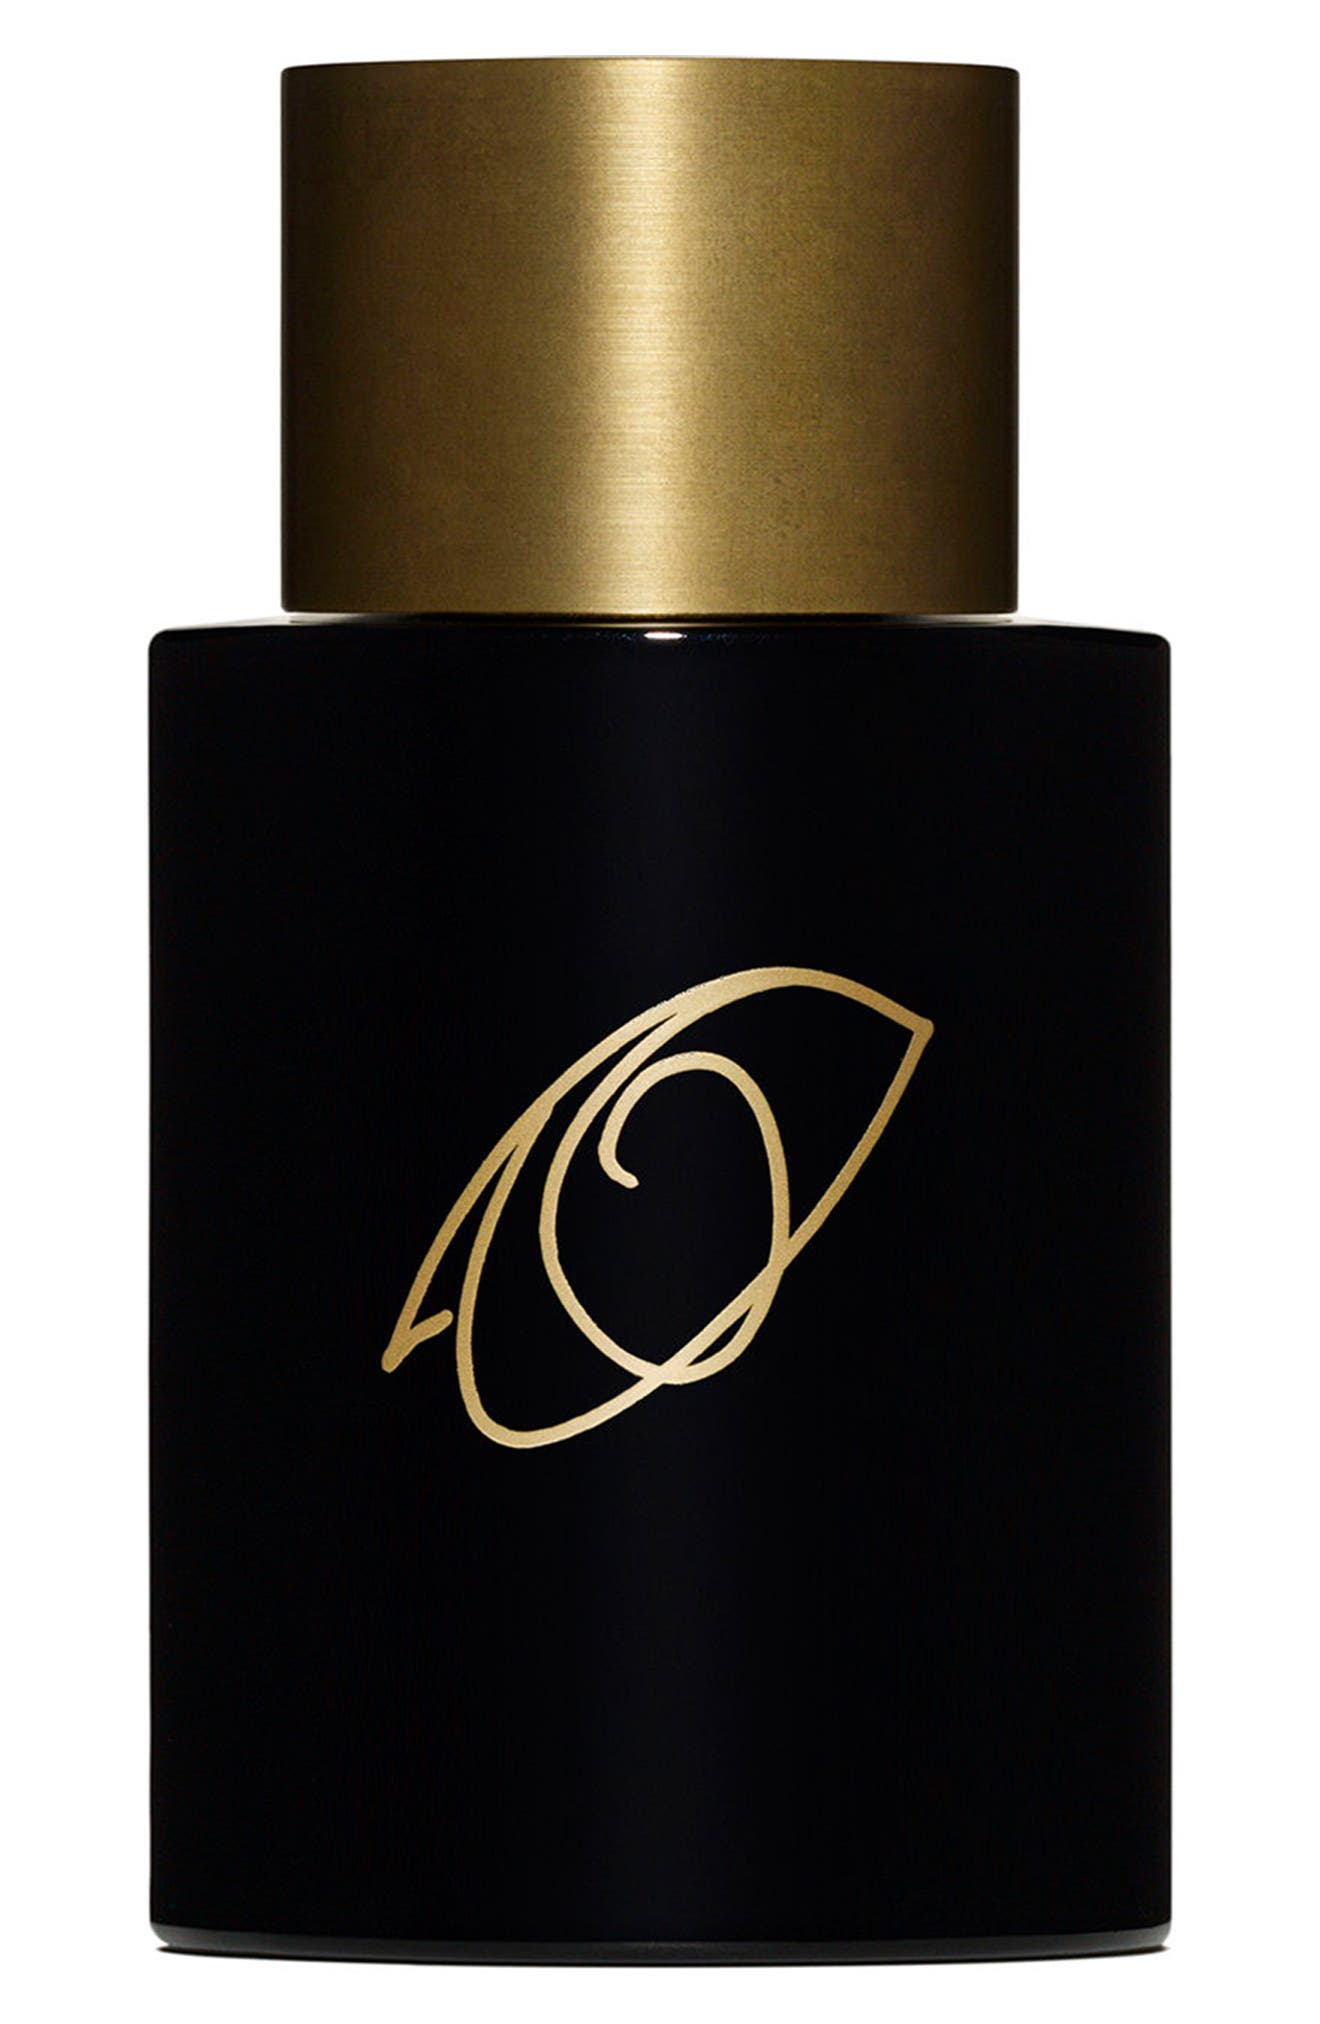 Alternate Image 1 Selected - Editions de Parfums Frédéric Malle Alber Elbaz Superstitious Large Eau de Parfum